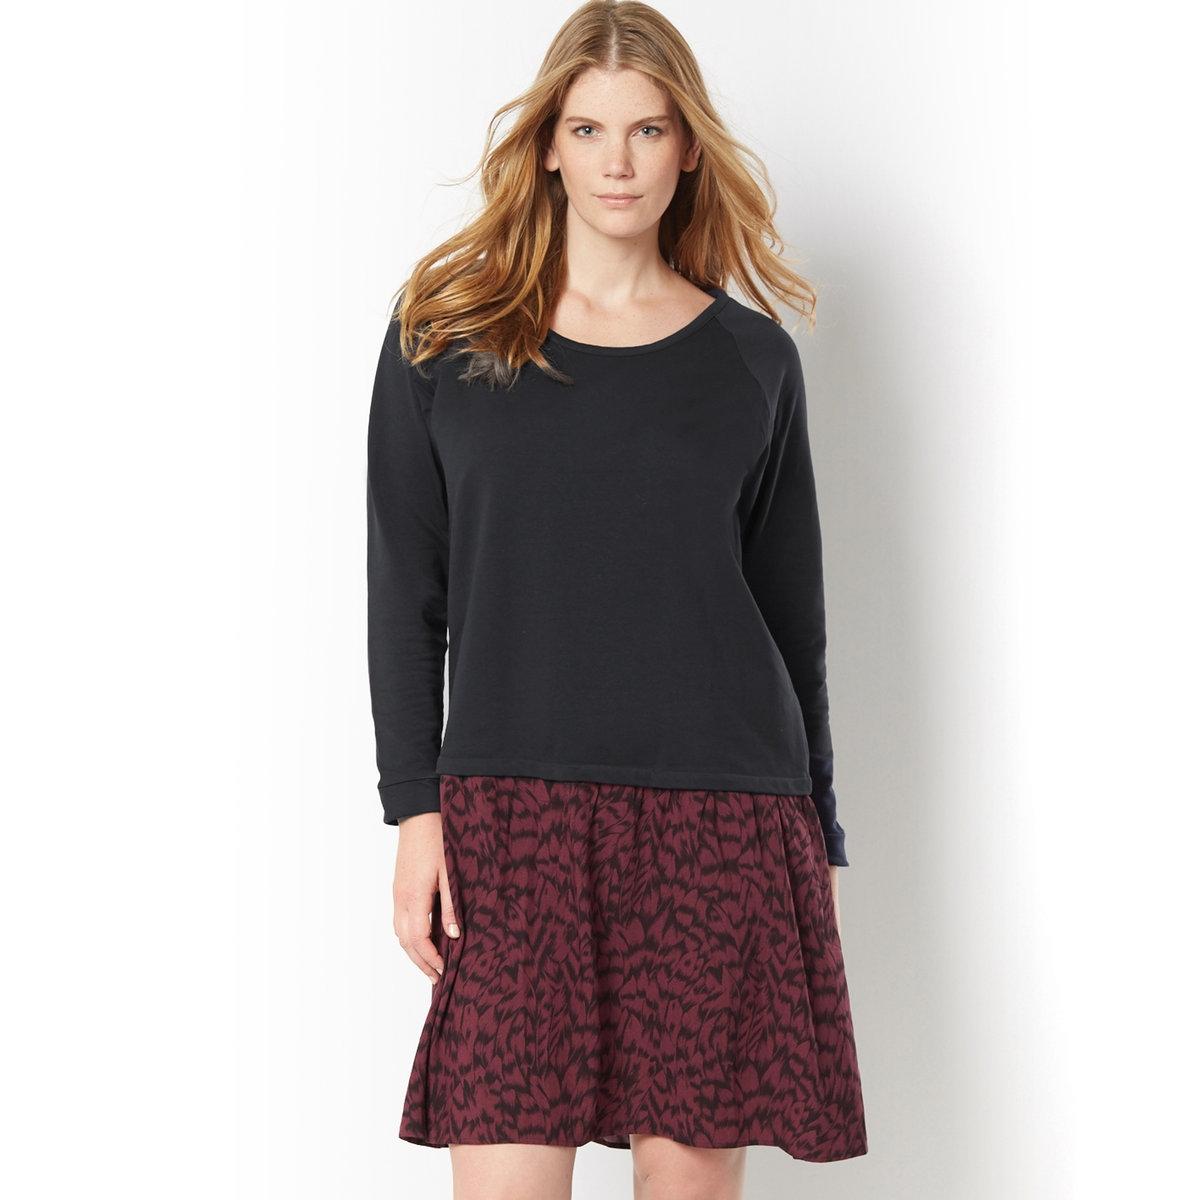 Платье-пуловерПлатье-пуловер. Платье 2 в 1 из двух материалов: непревзойденное удобство. Верх: однотонный пуловер с длинными рукавами. Низ: 100% вискозы, камуфляжный принт. Длинные рукава реглан.  95% хлопка, 5% эластана. Длина ок.100 см.<br><br>Цвет: черный наб. рисунок<br>Размер: 58 (FR) - 64 (RUS)